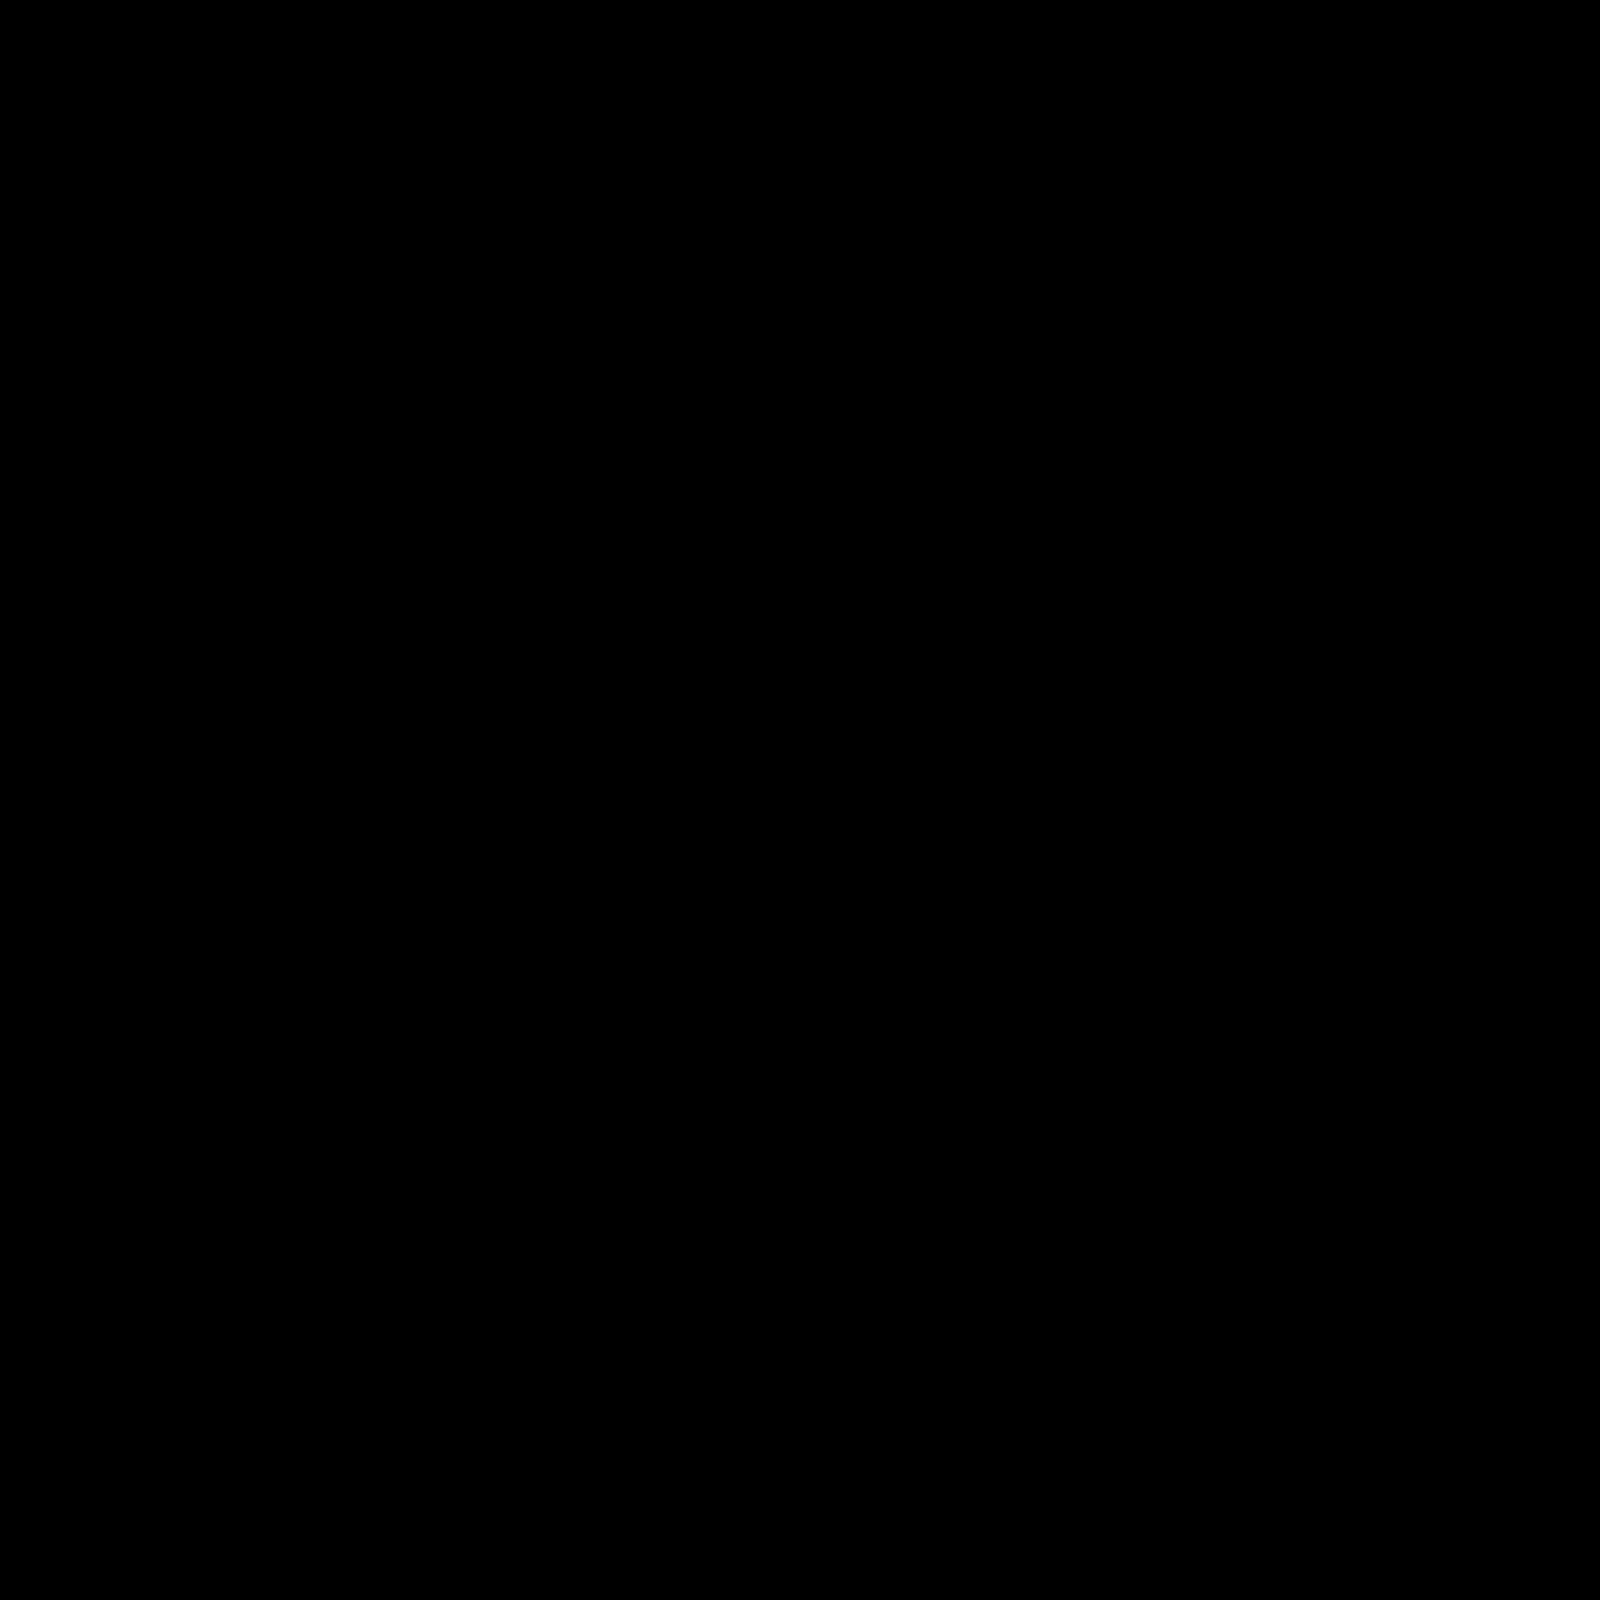 Защита данных icon